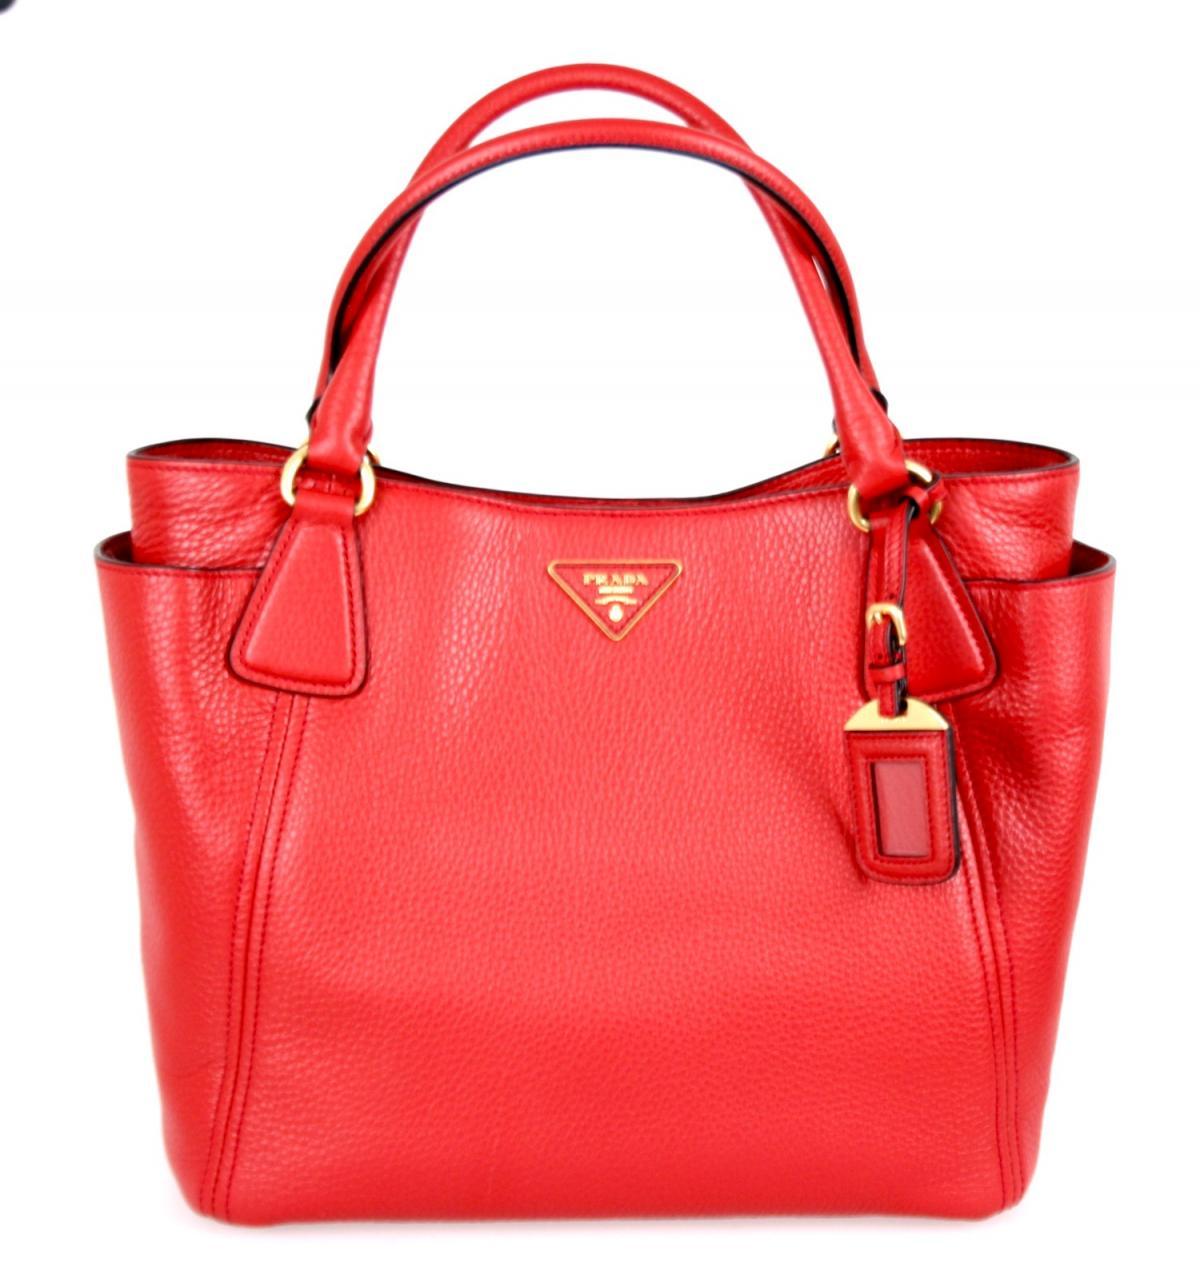 luxus prada schulter tasche handtasche bn2435 rot neu new. Black Bedroom Furniture Sets. Home Design Ideas